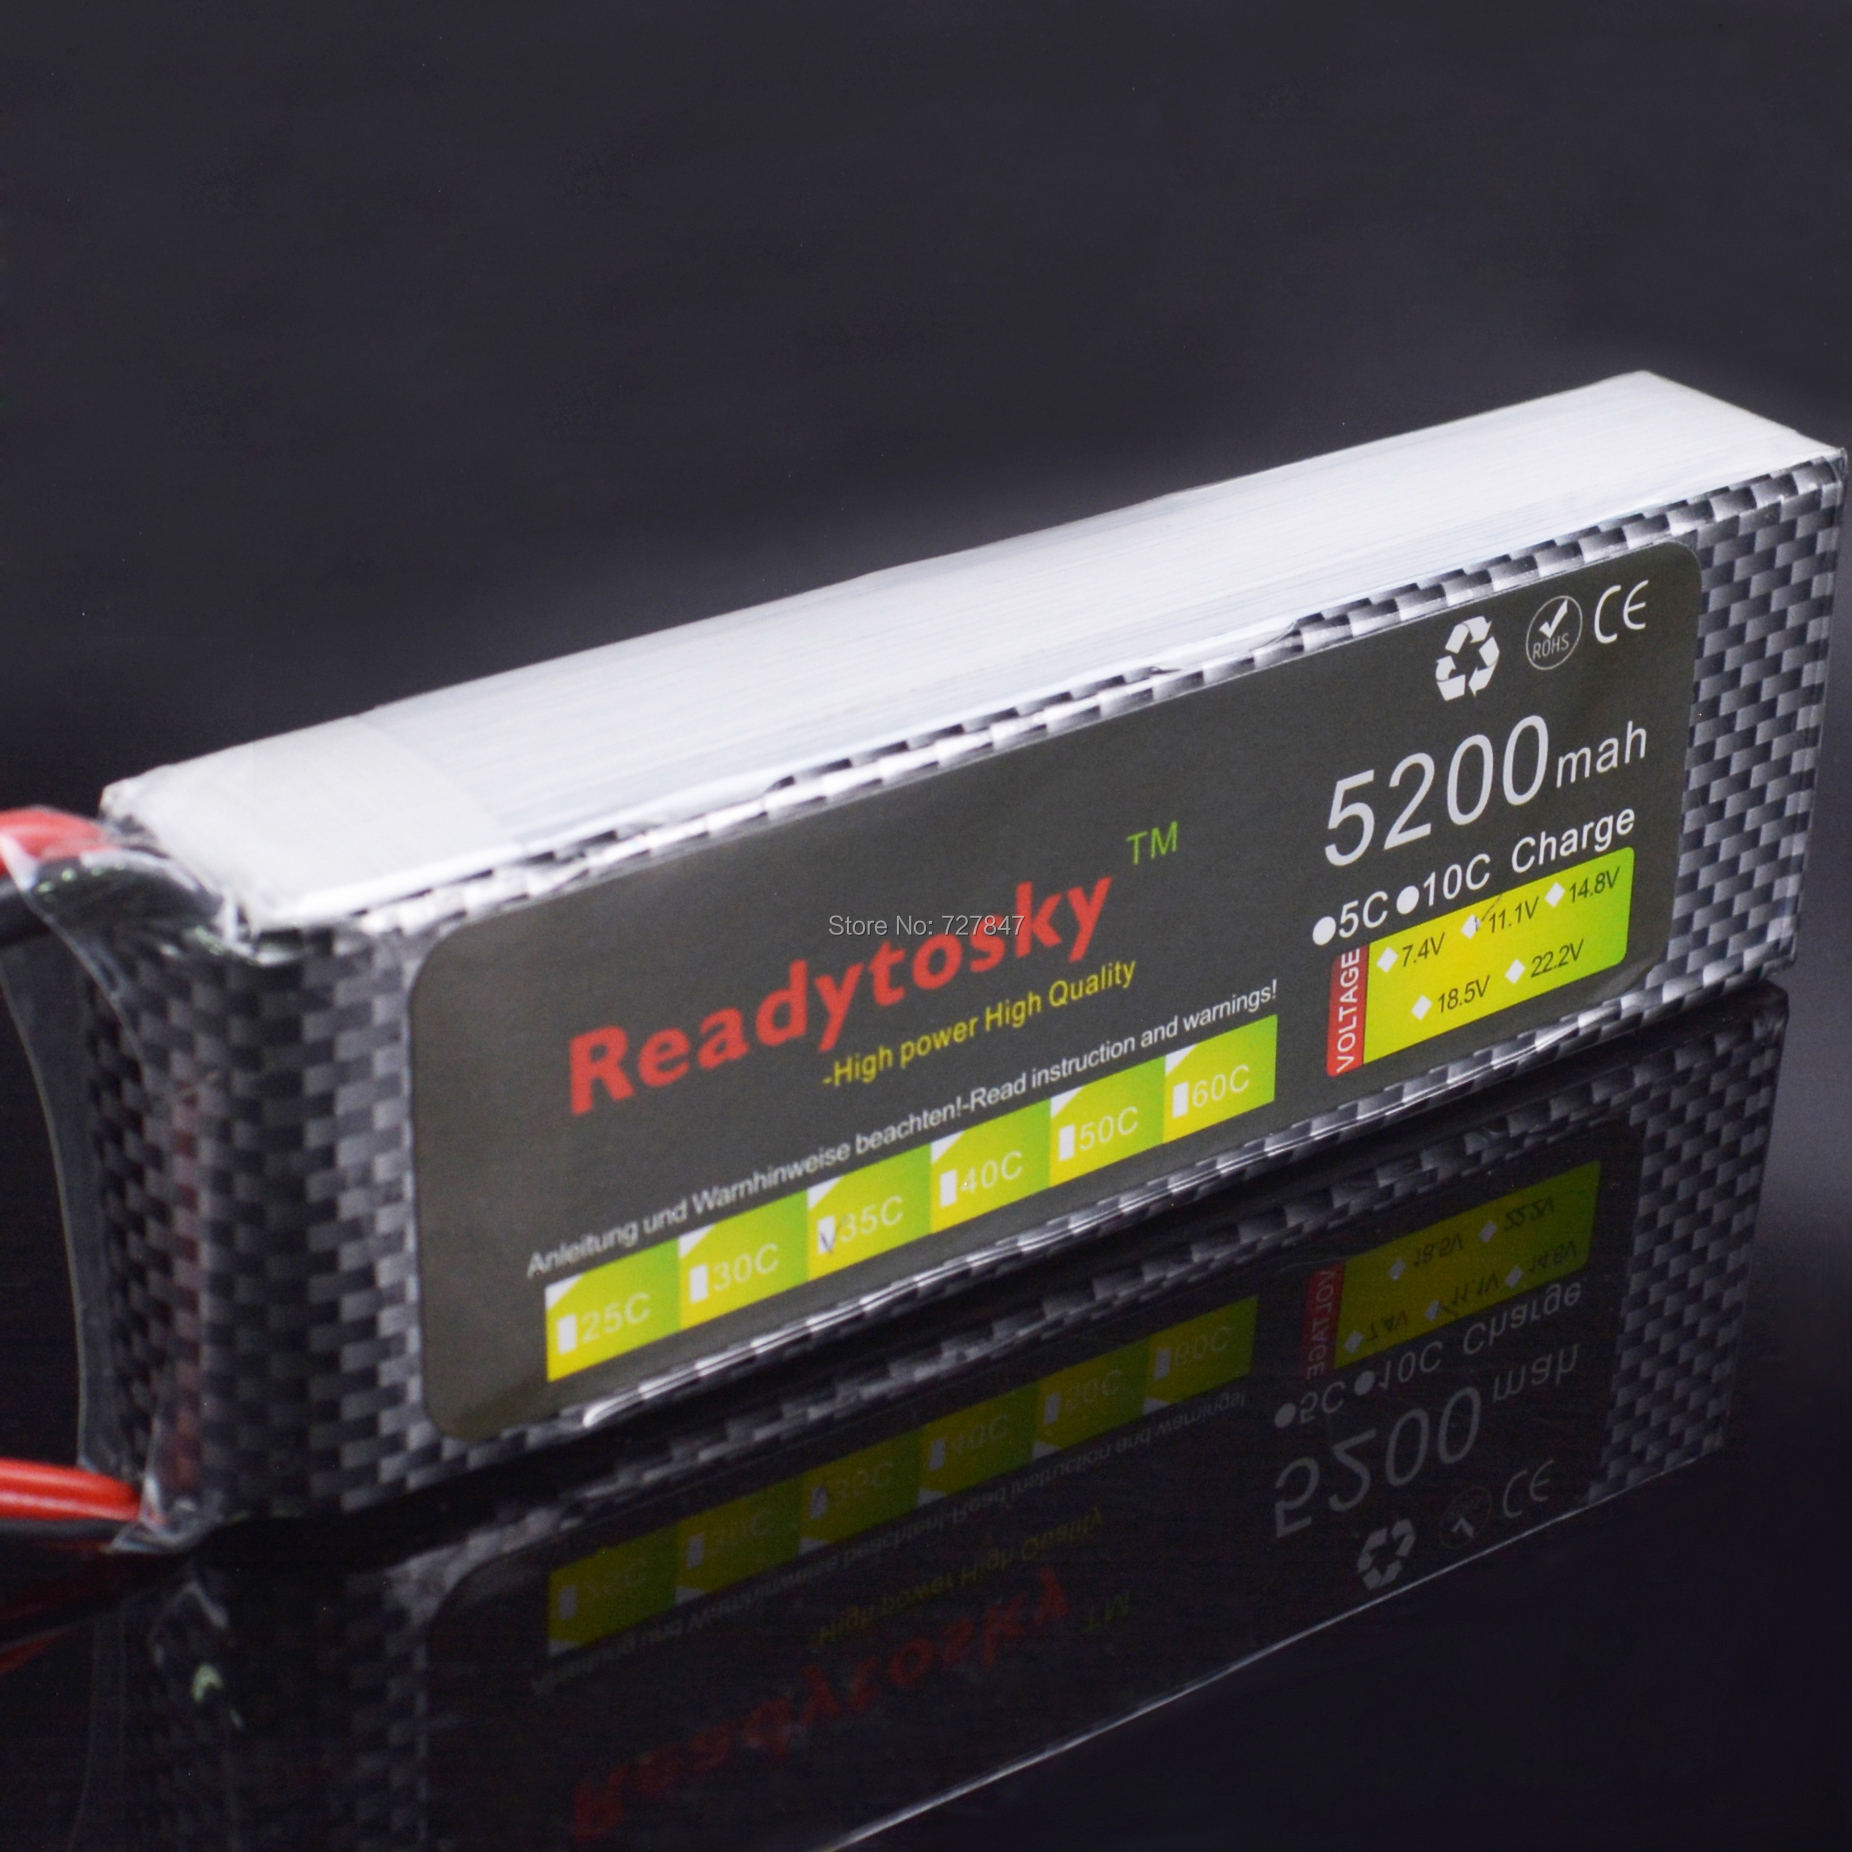 LiPo batterie 3 S lipo batterie 11.1 v 5200 mAh 35C rc hélicoptère rc voiture rc bateau quadrirotor télécommande jouets li-polymère batterie